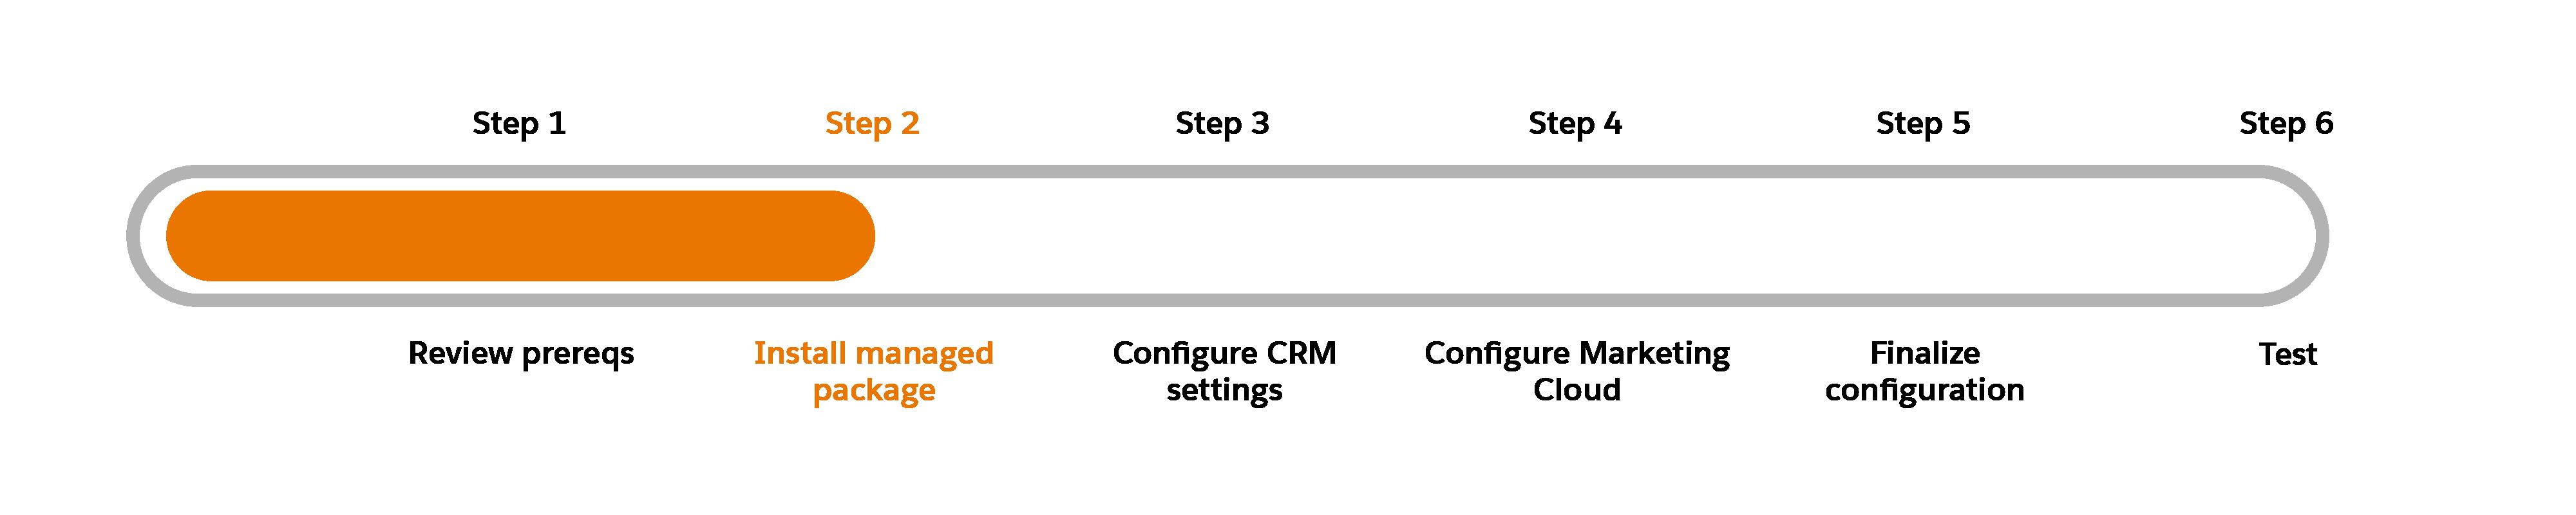 Fortschrittsdiagramm mit Schritt 2: Installieren des verwalteten Pakets hervorgehoben